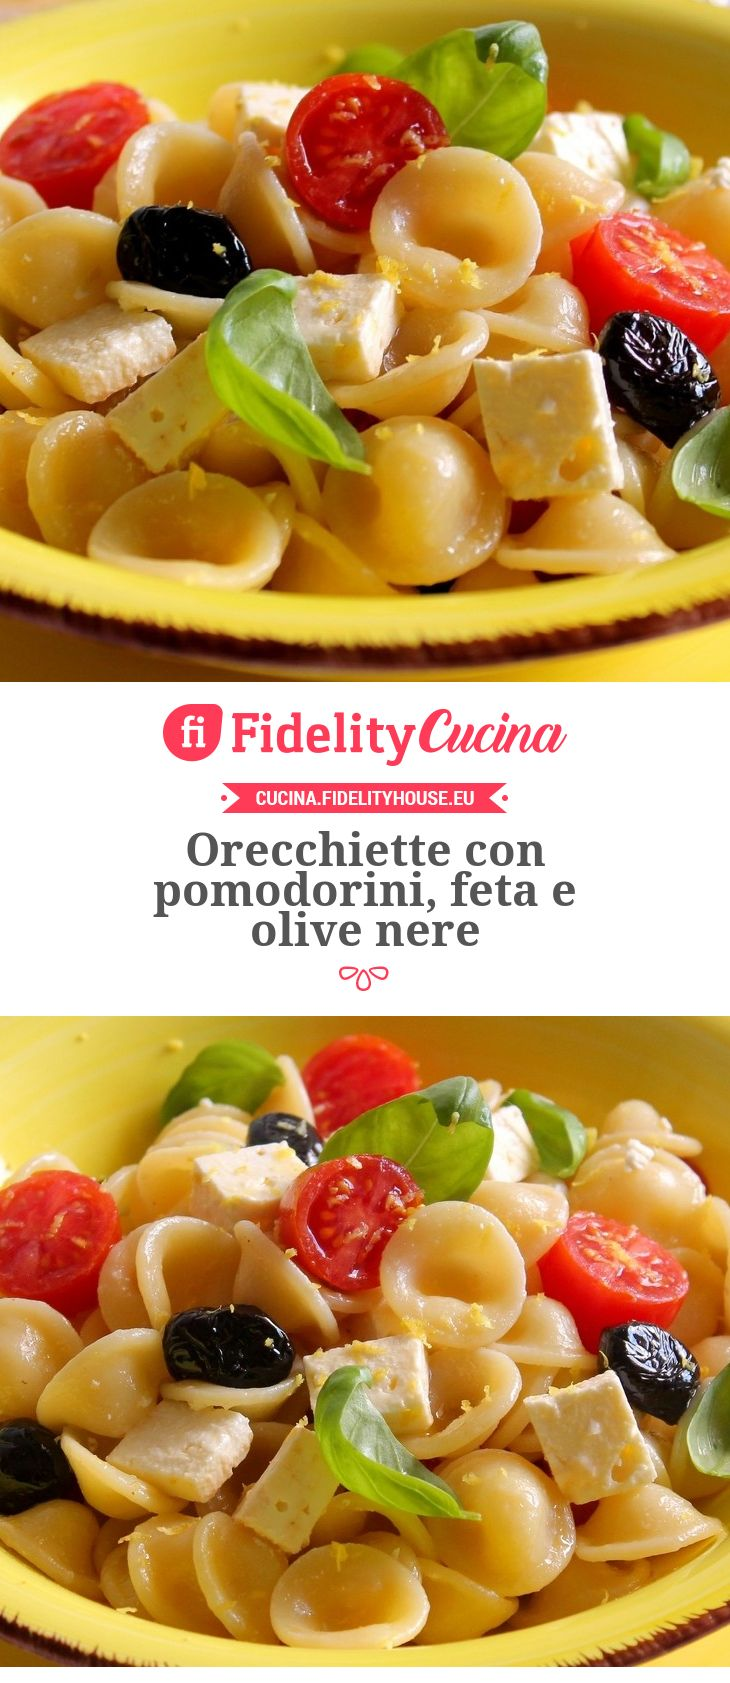 Orecchiette con pomodorini, feta e olive nere